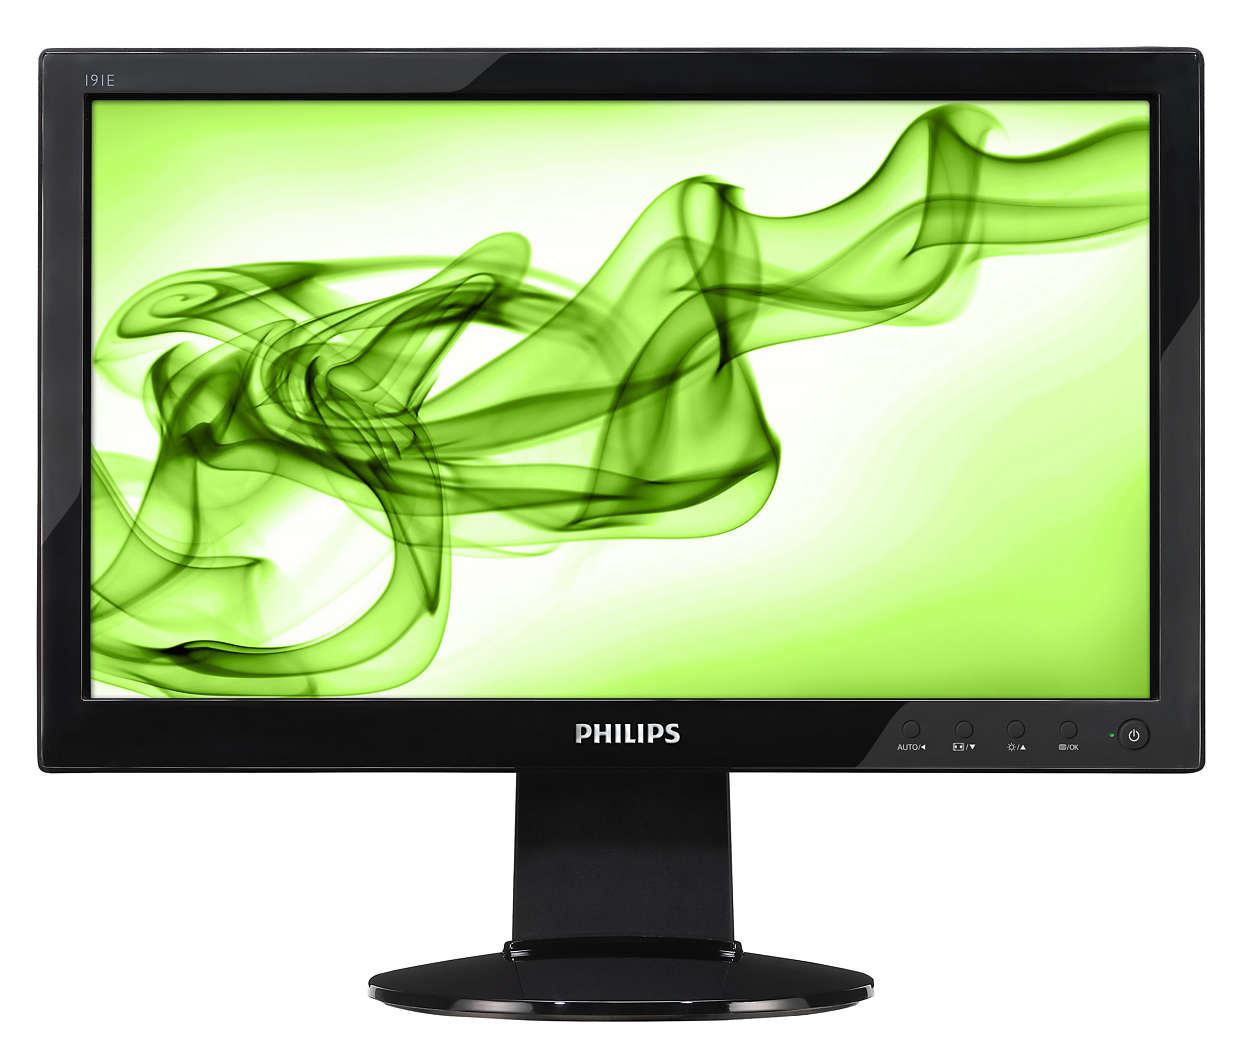 Atrakcyjny monitor 16:9 HD to opłacalny zakup